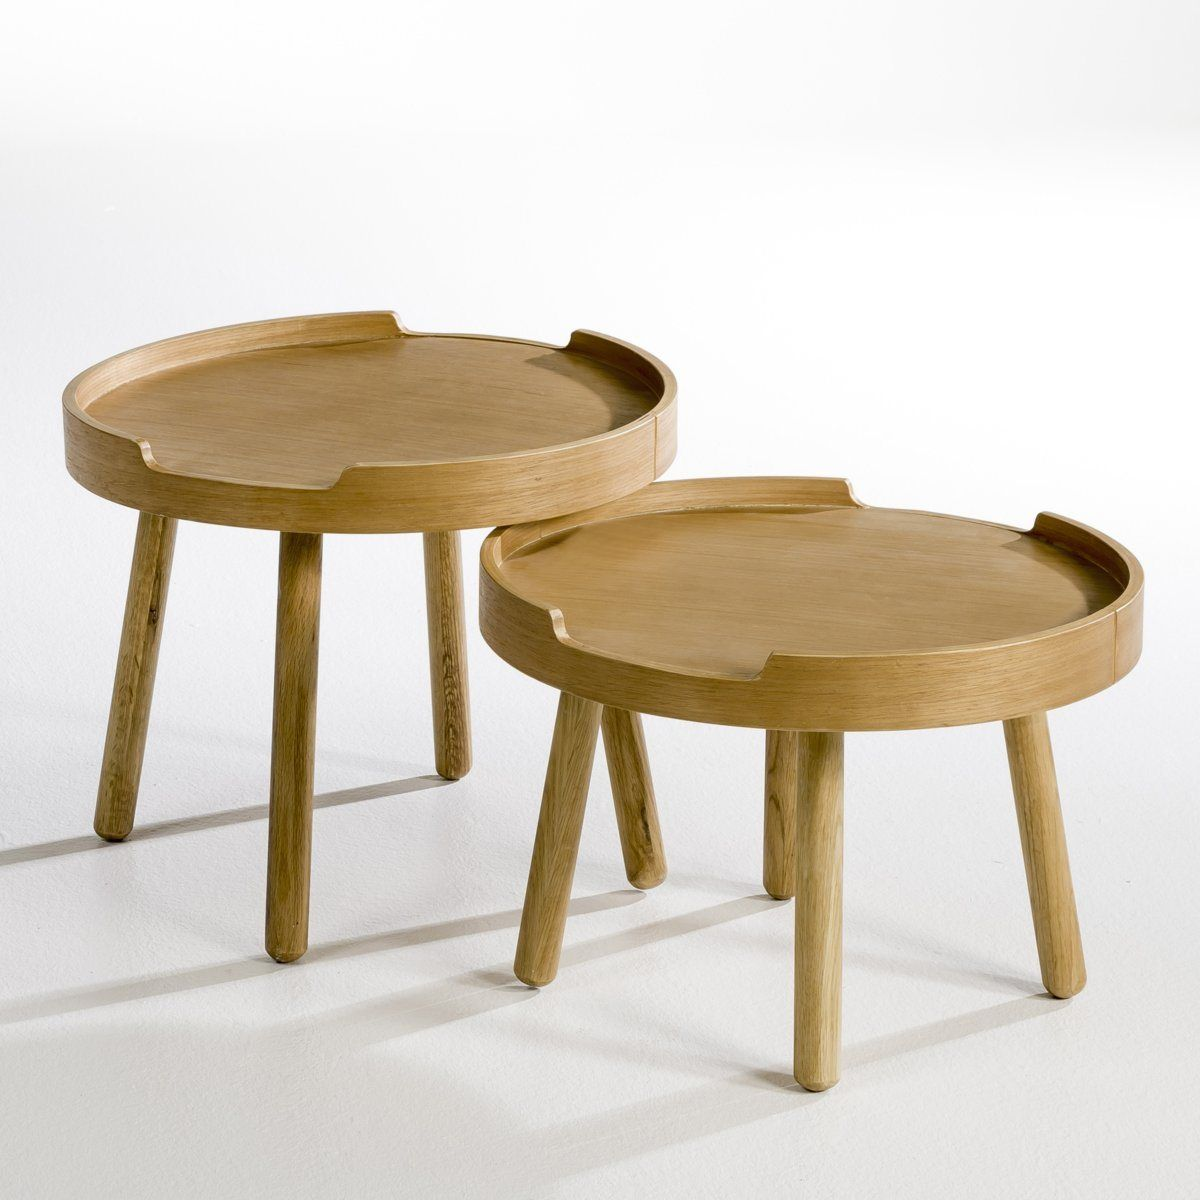 Table Basse Visby Plateau Amovible Am Pm Table Basse Deco Table Basse Mobilier De Salon